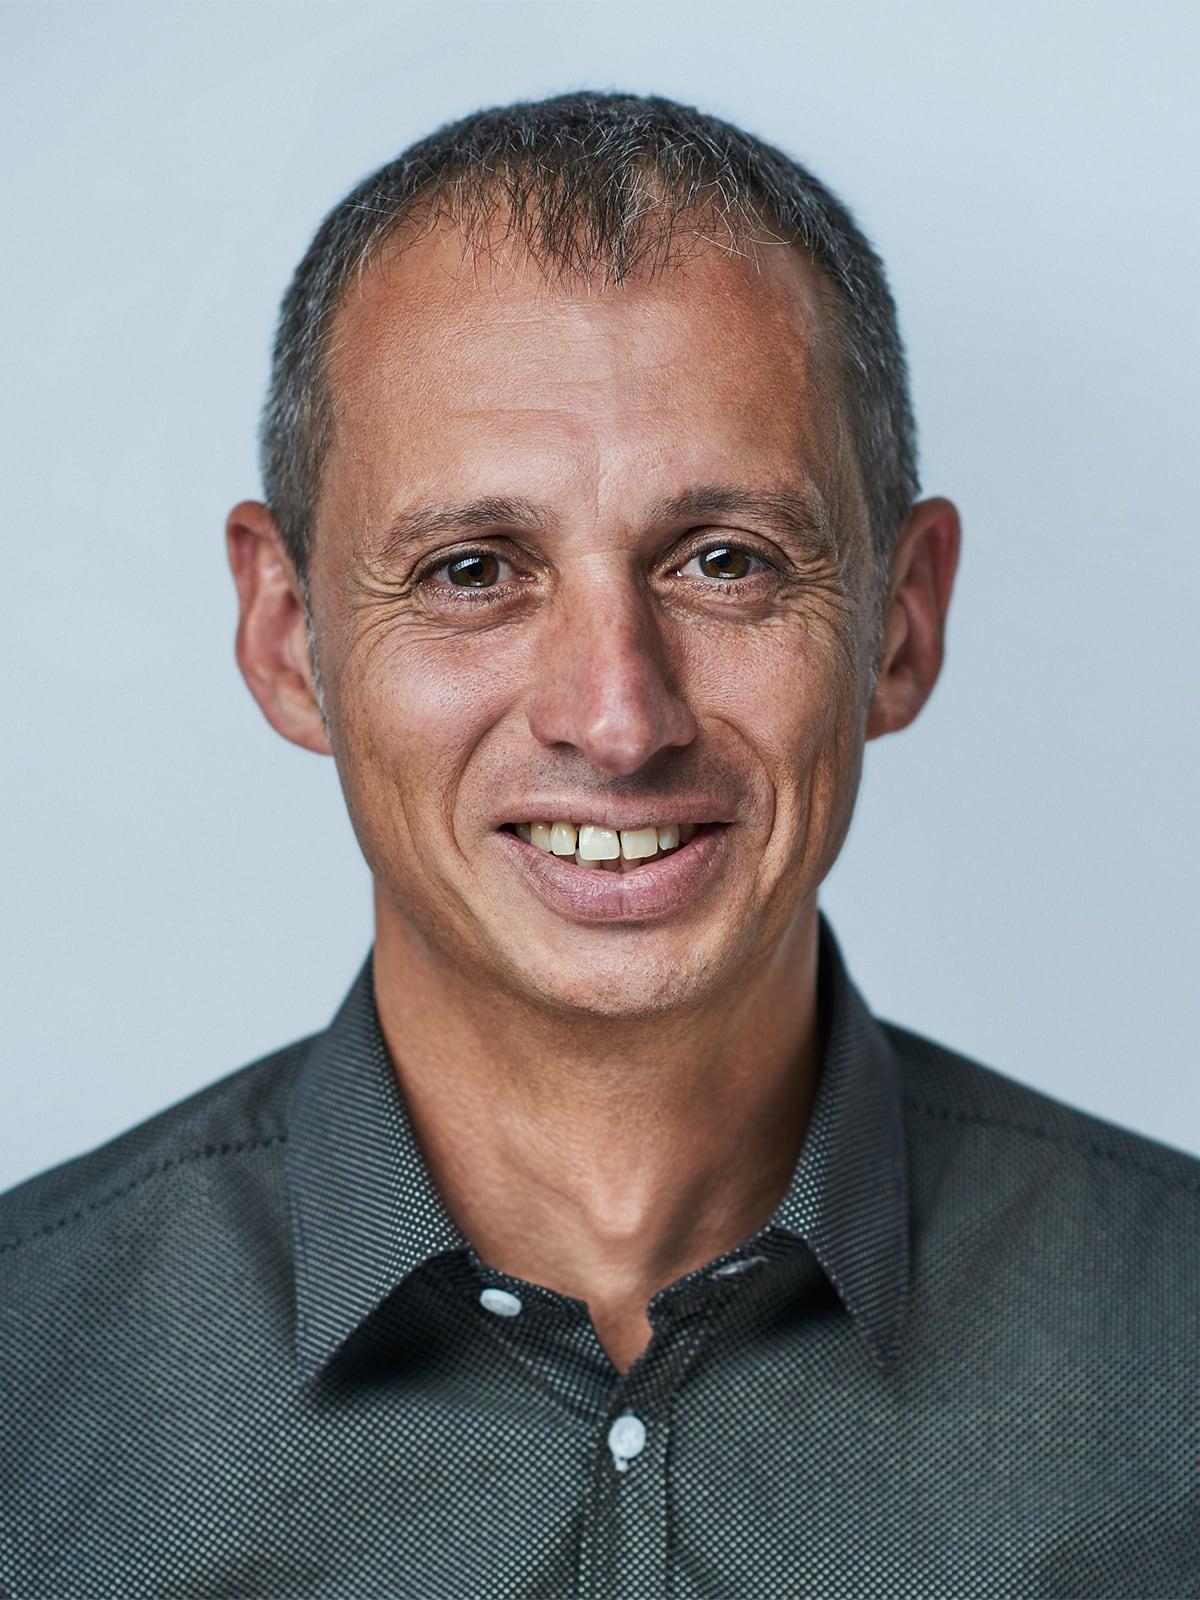 Silvano Fari